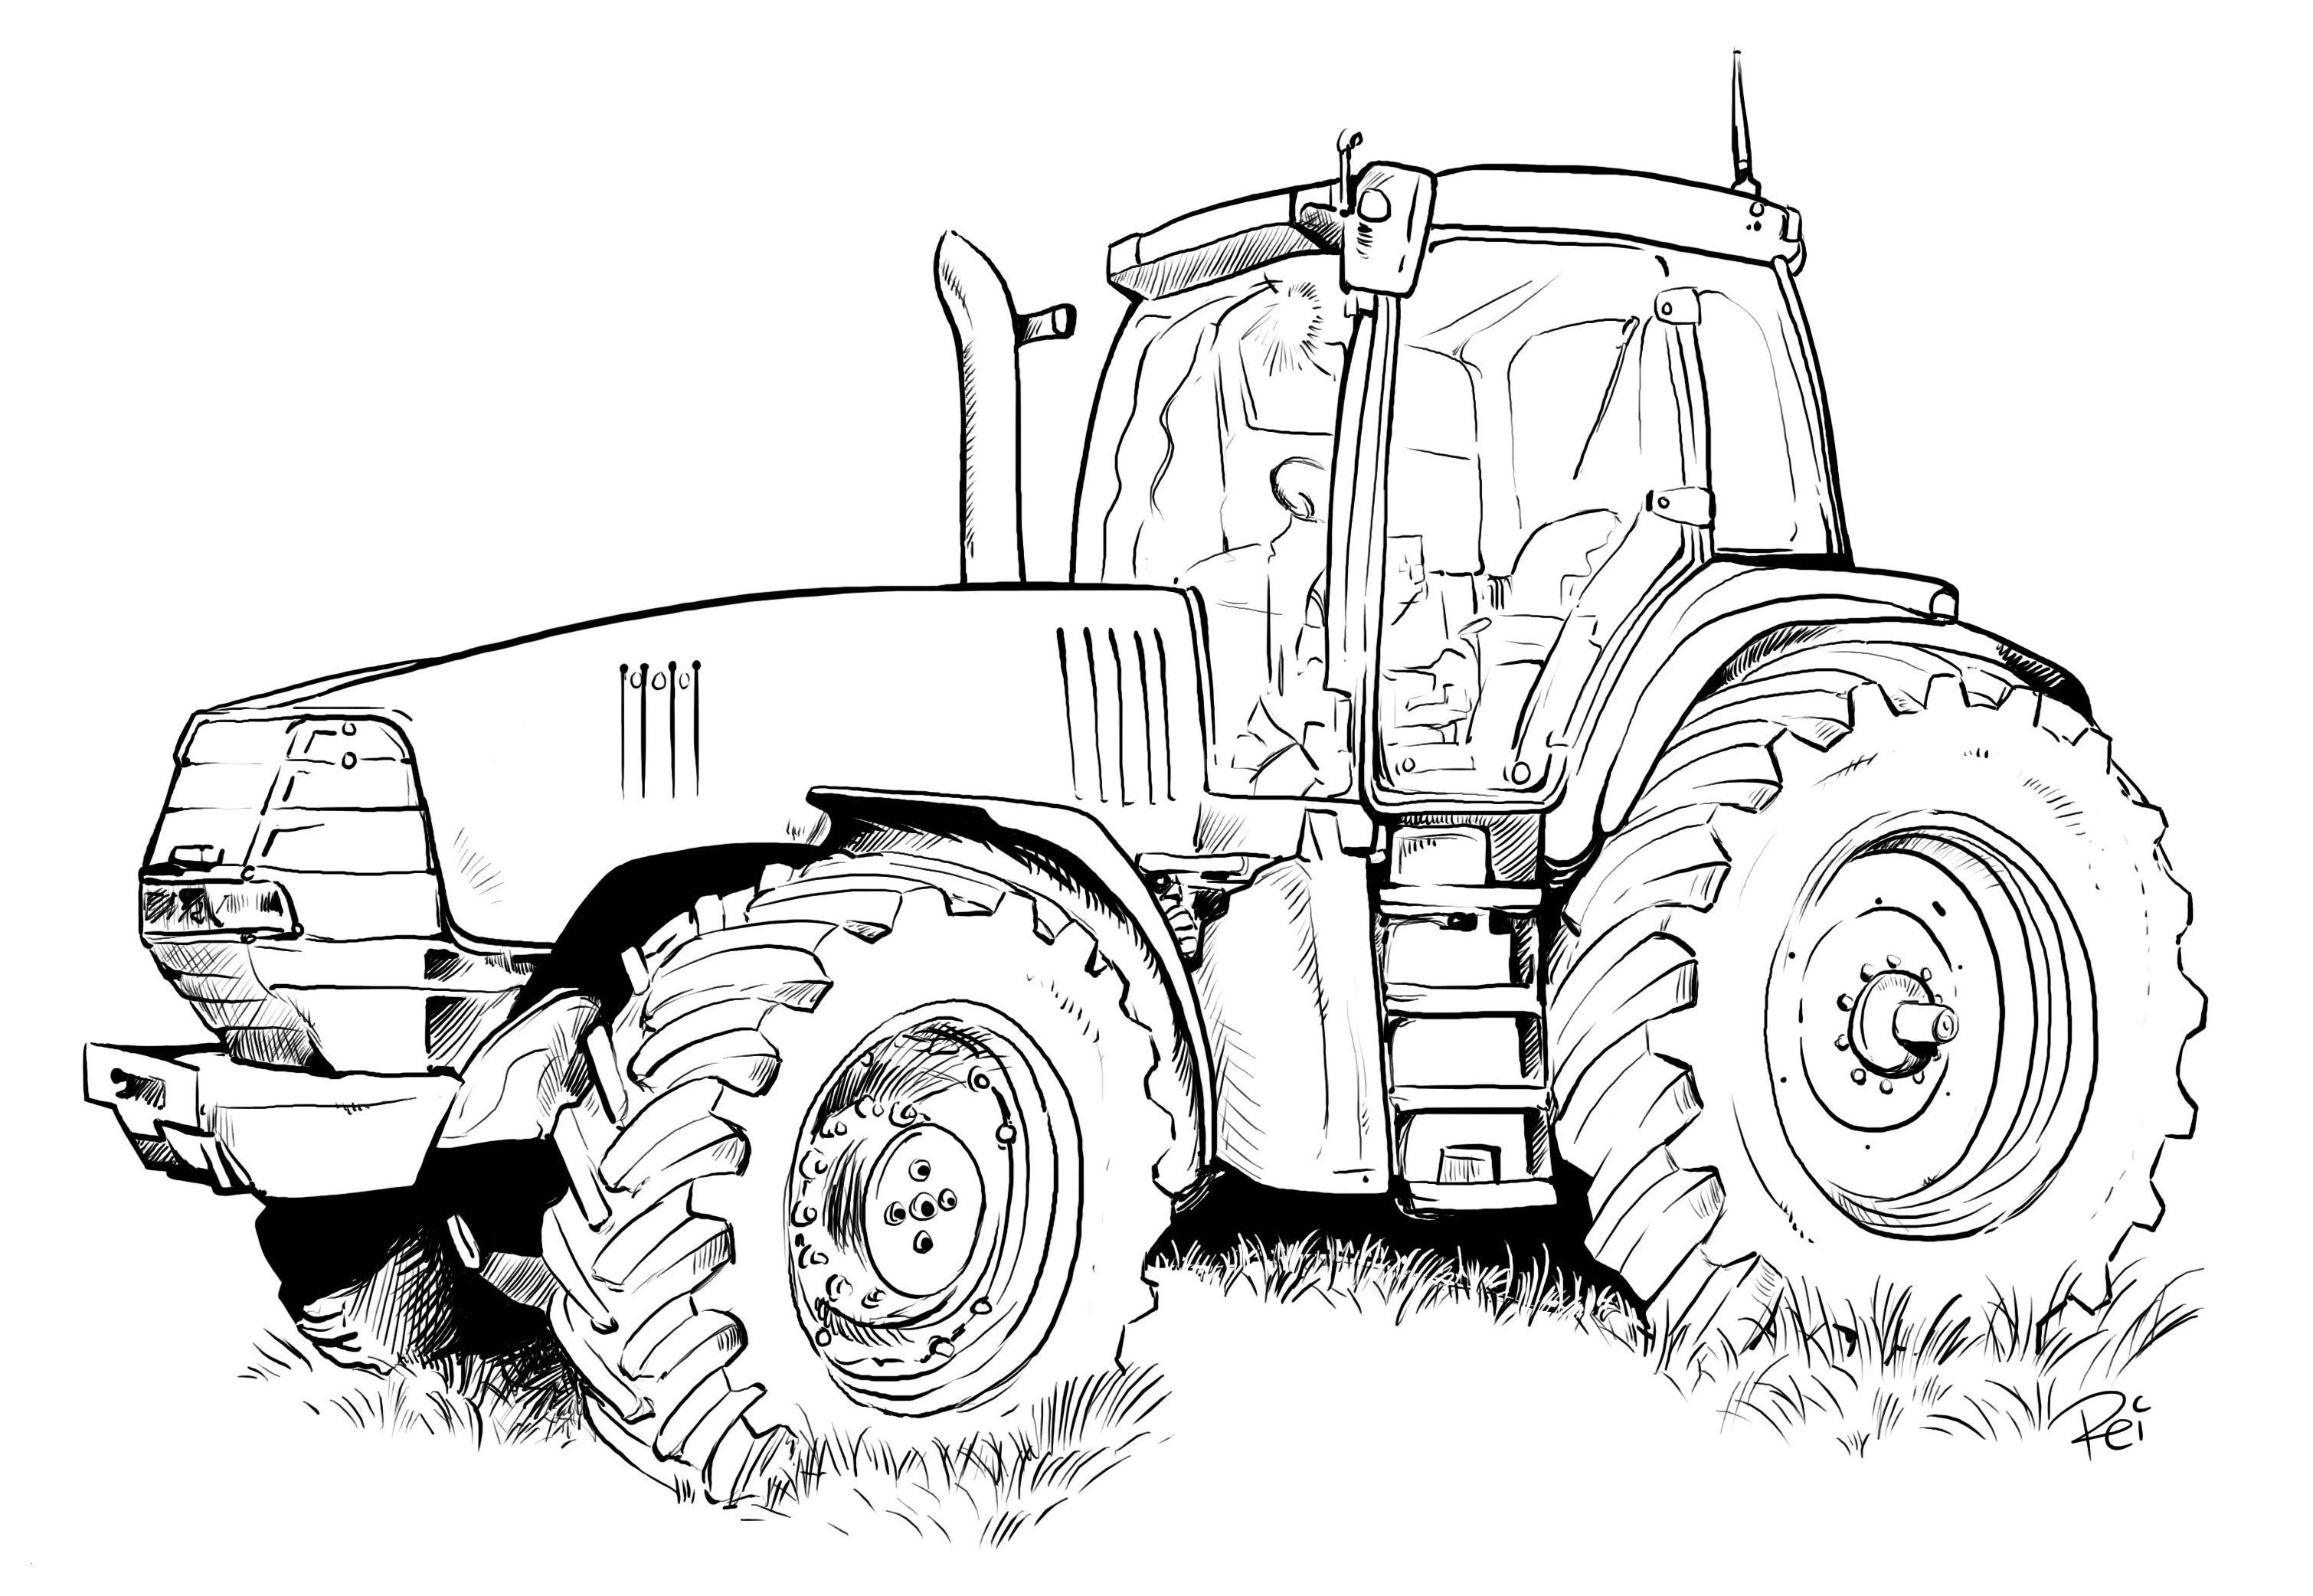 Donkey Kong Ausmalbilder Das Beste Von Traktoren Bilder Zum Ausmalen Bauernhof Elegant Ausmalbilder Bilder